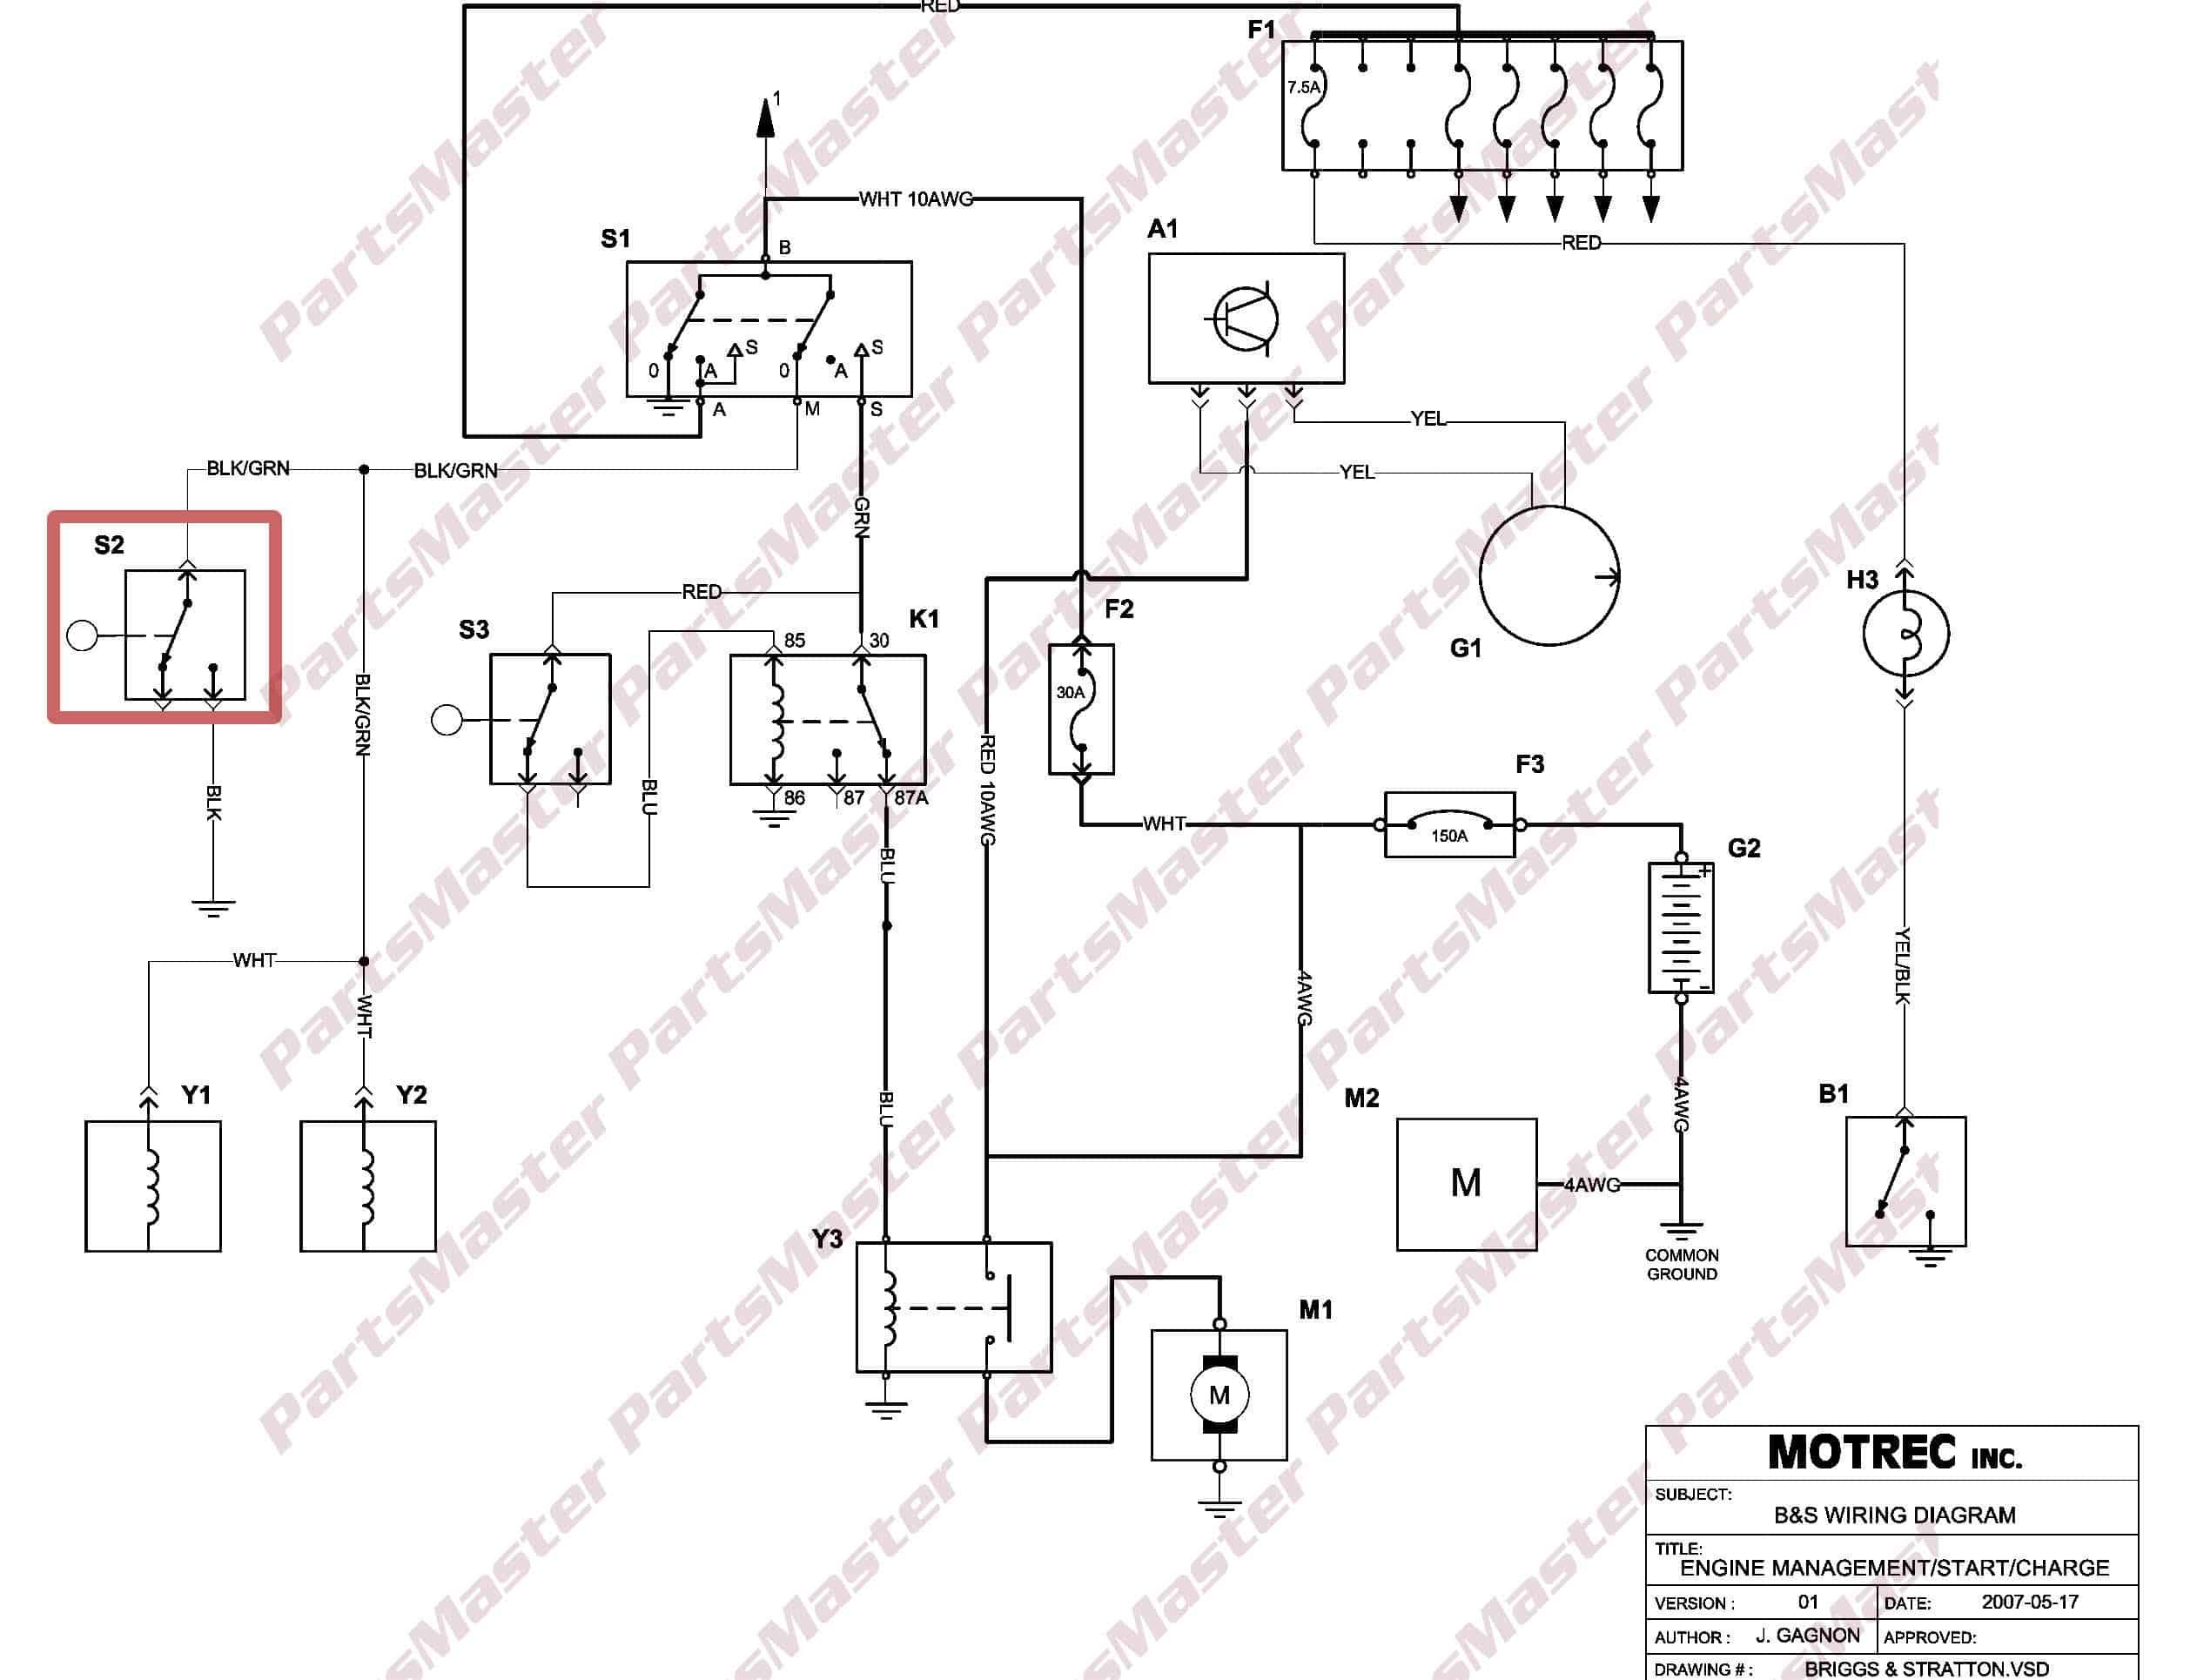 ixl tastic wiring diagram lily flower parts wunderbar prescolite ecfp 13c 4p schaltplan bilder